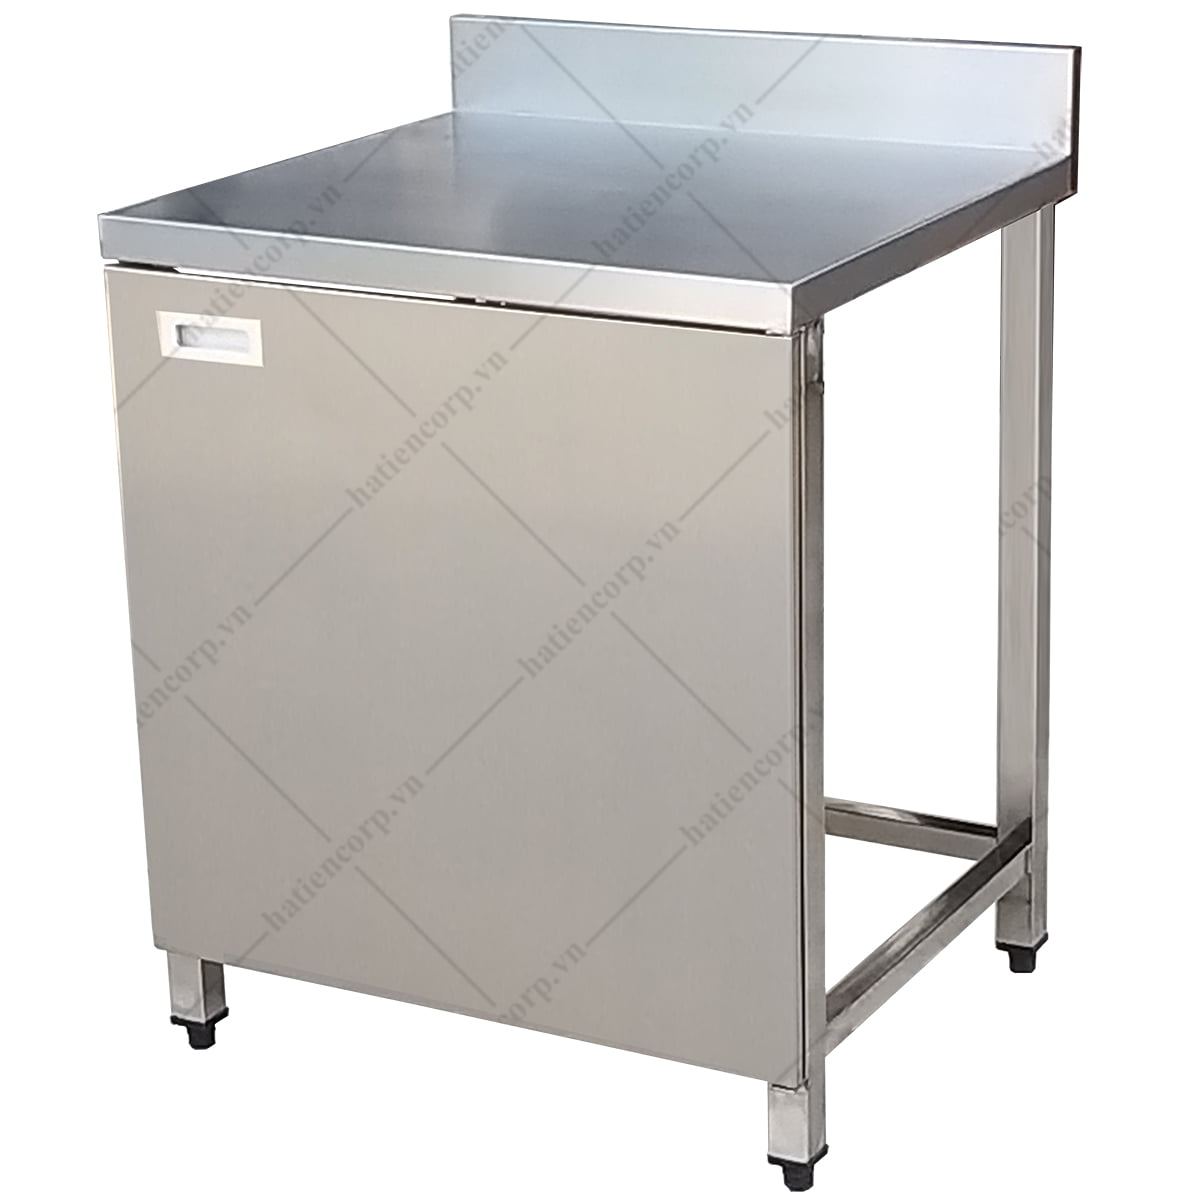 Bàn inox 700x750x850/950mm có thành có cửa mở - Bàn inox 304 cao cấp, chất lượng cao